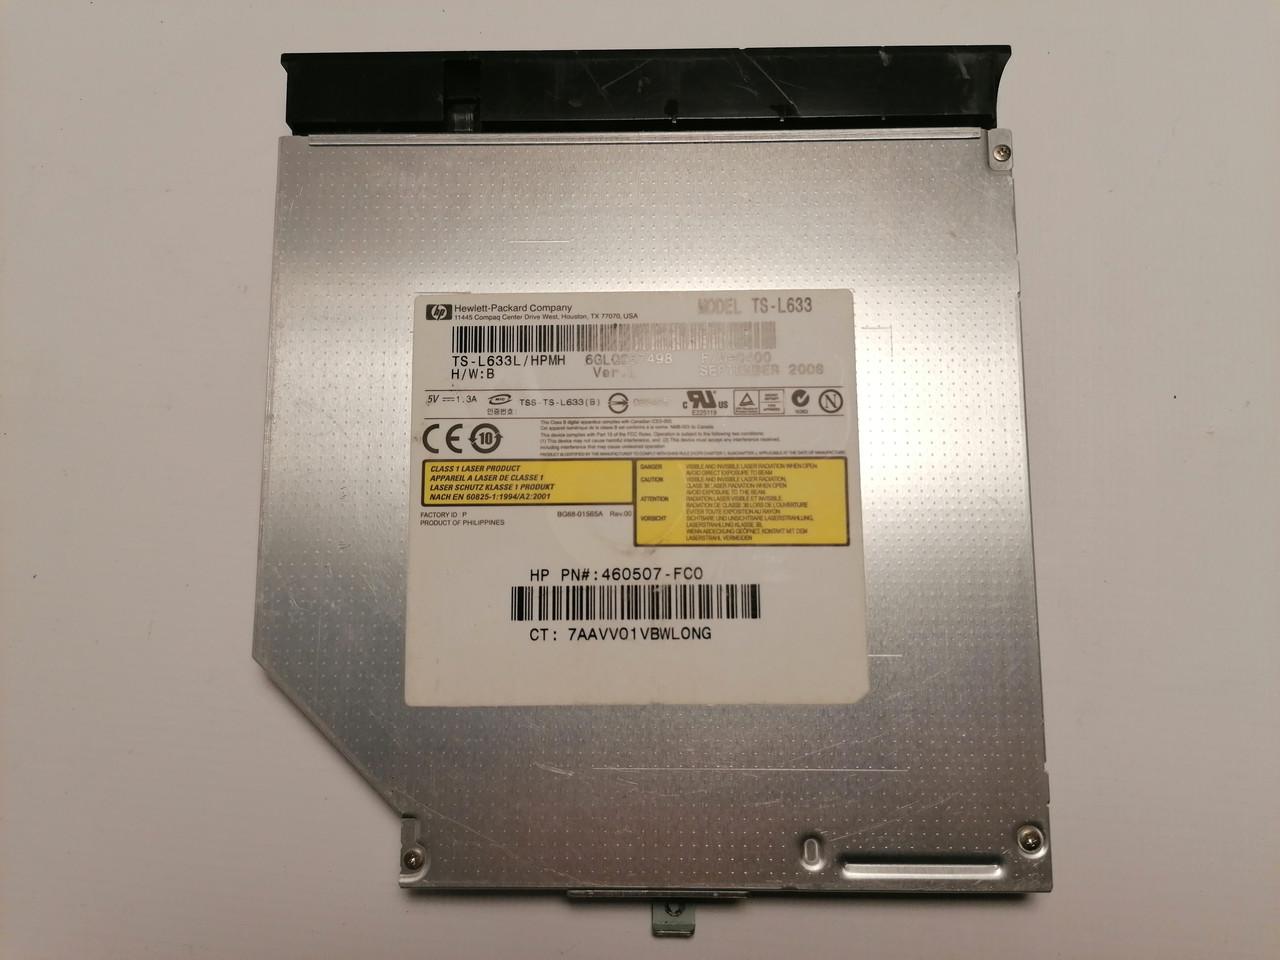 Б/У Оптический привод для ноутбука HP TS-L633 (p/n 460507-FC0)